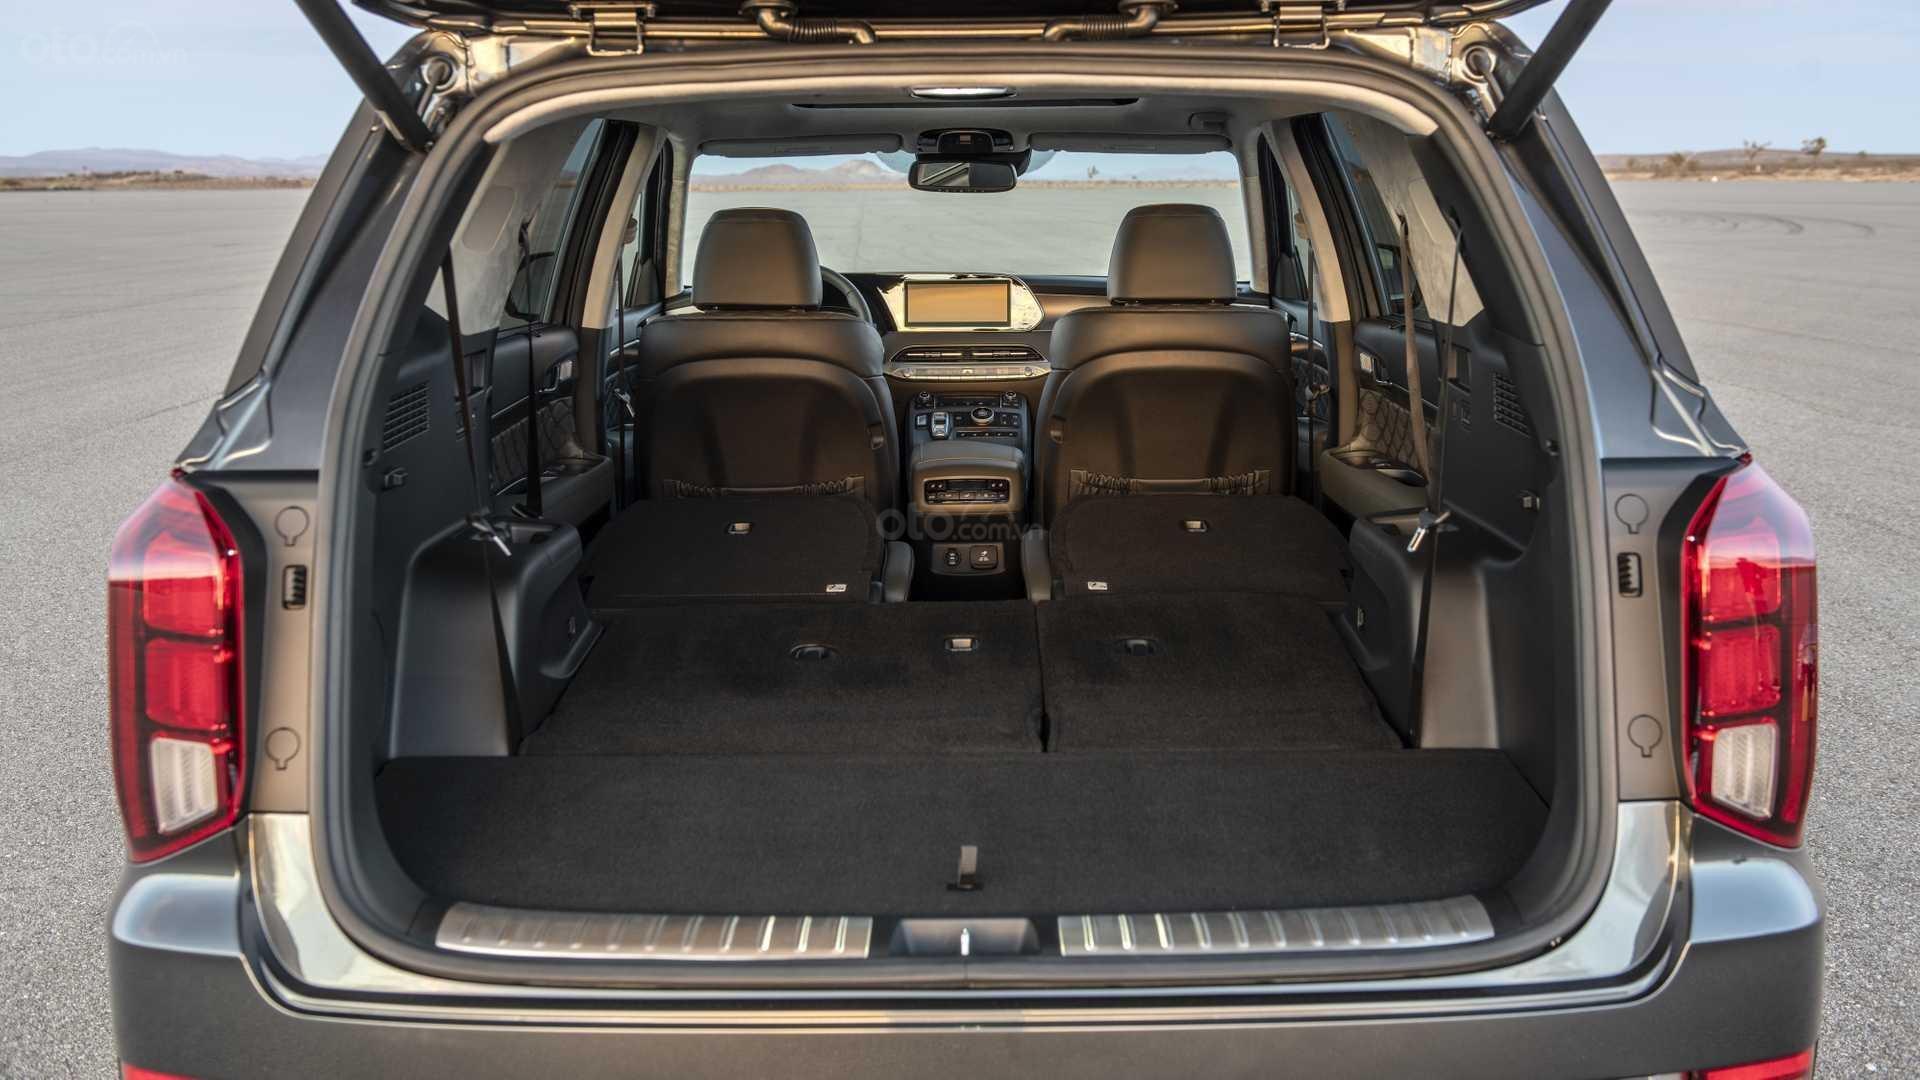 Khoang hành lý của Hyundai Palisade 2019.